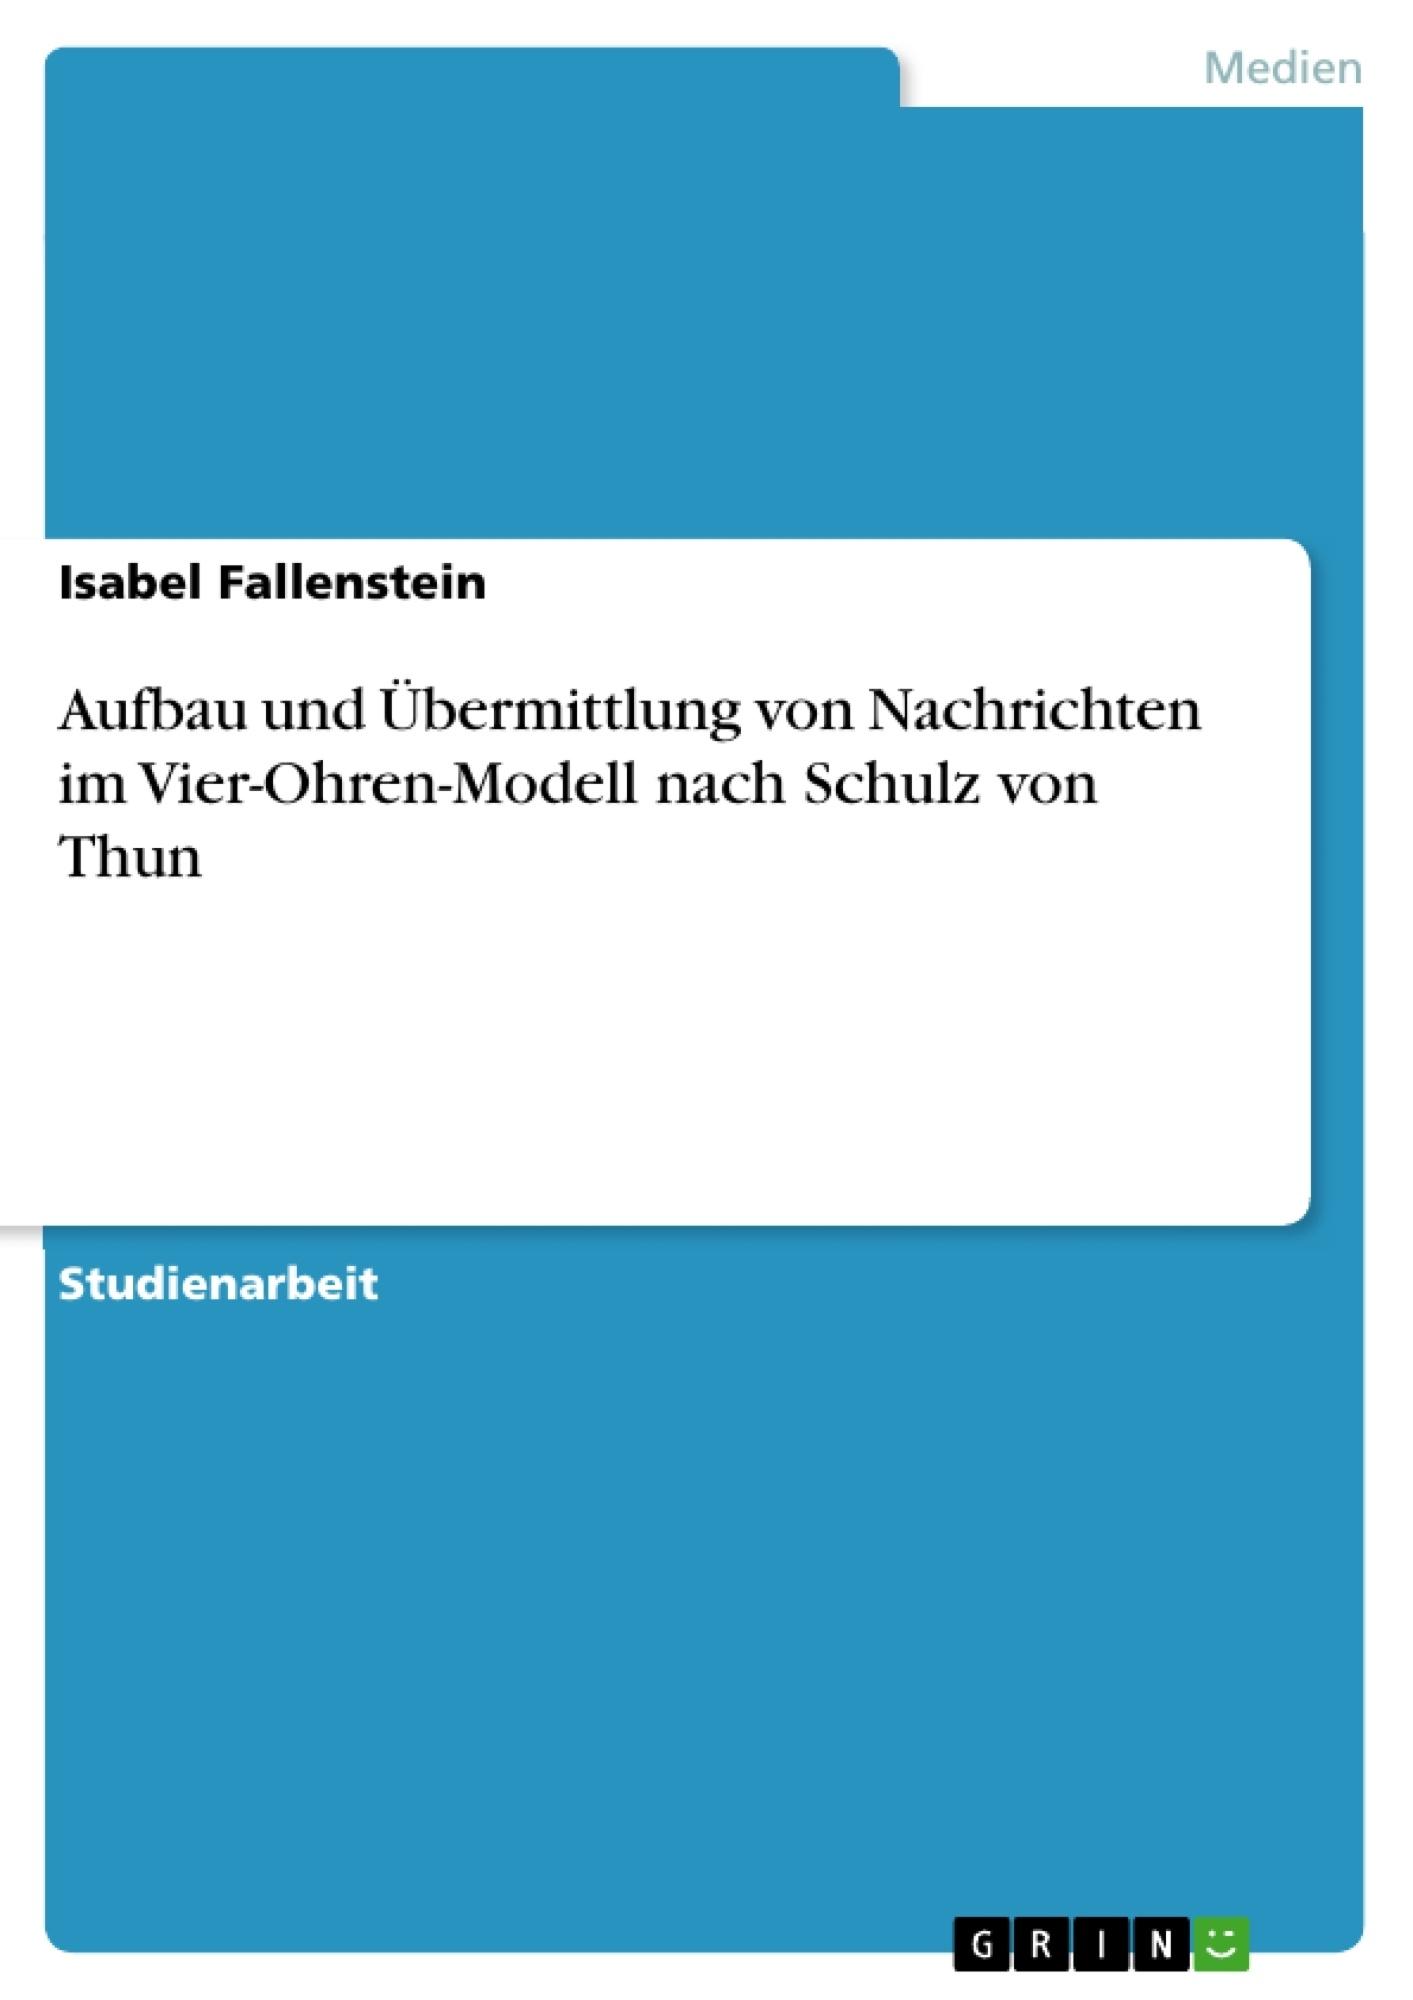 Titel: Aufbau und Übermittlung von Nachrichten im Vier-Ohren-Modell nach Schulz von Thun